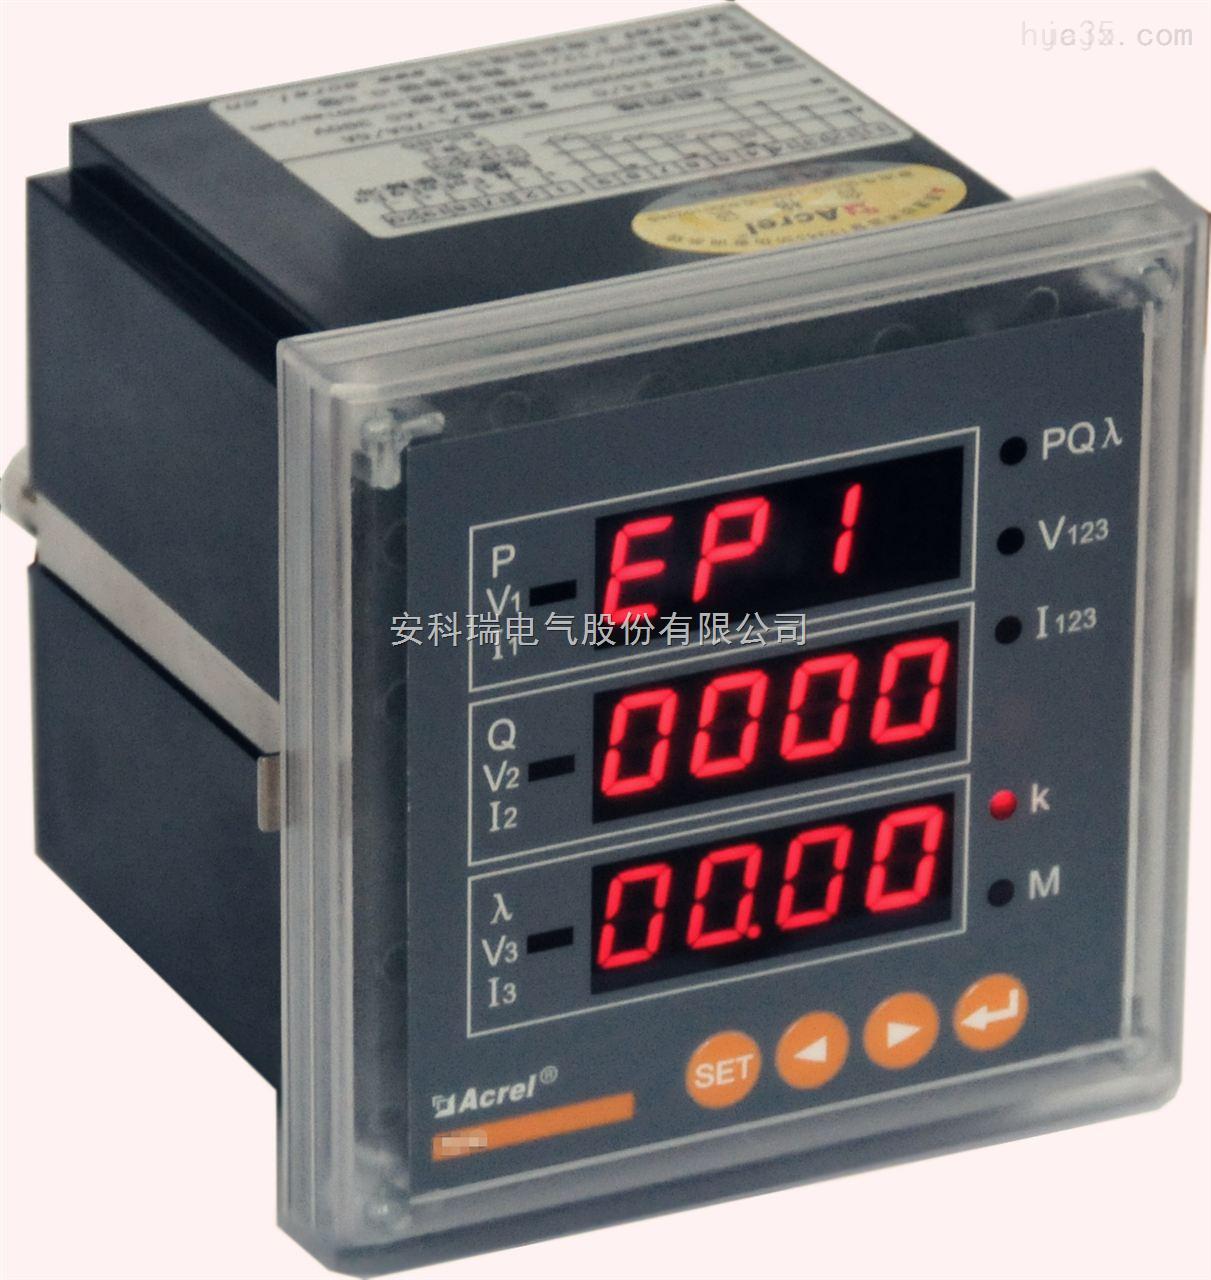 安科瑞 ACR300E 能耗节能管理仪表